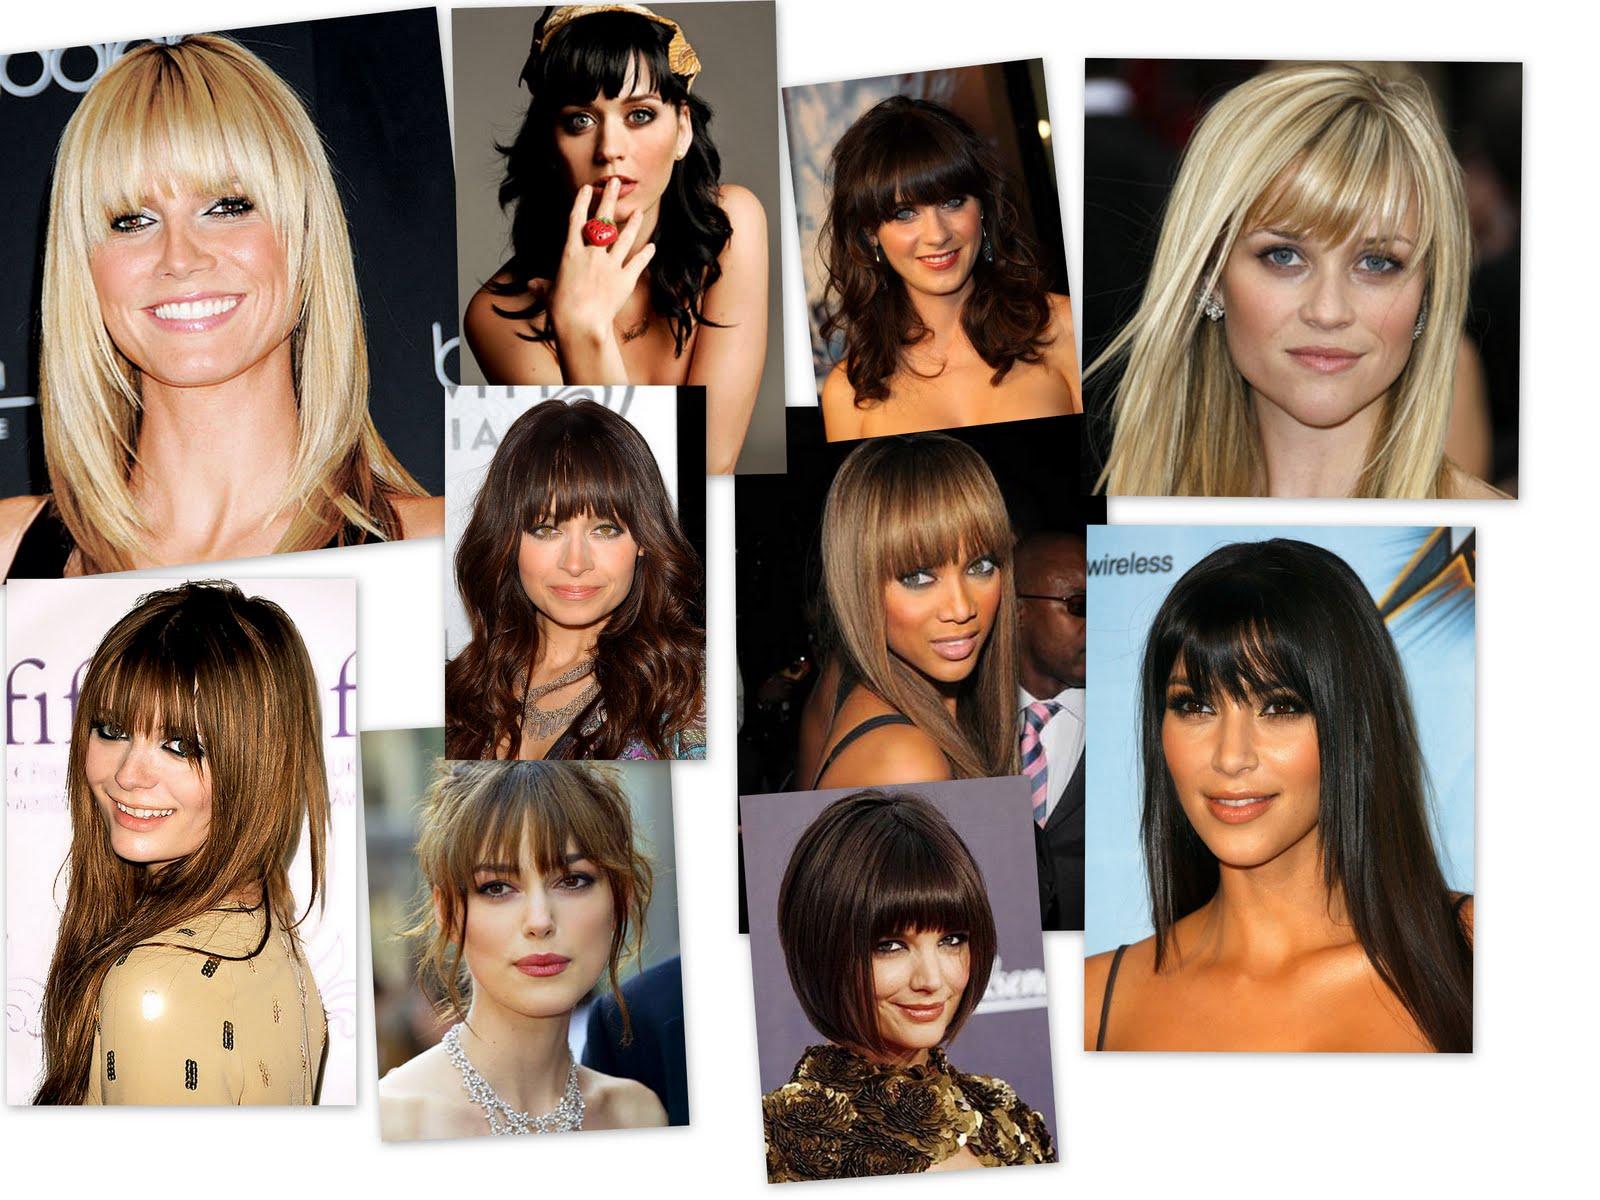 http://4.bp.blogspot.com/_iyEXMr_0uko/TOy4wdzo9yI/AAAAAAAAAw8/Qv3Wb9ja8lM/s1600/bangs.jpg